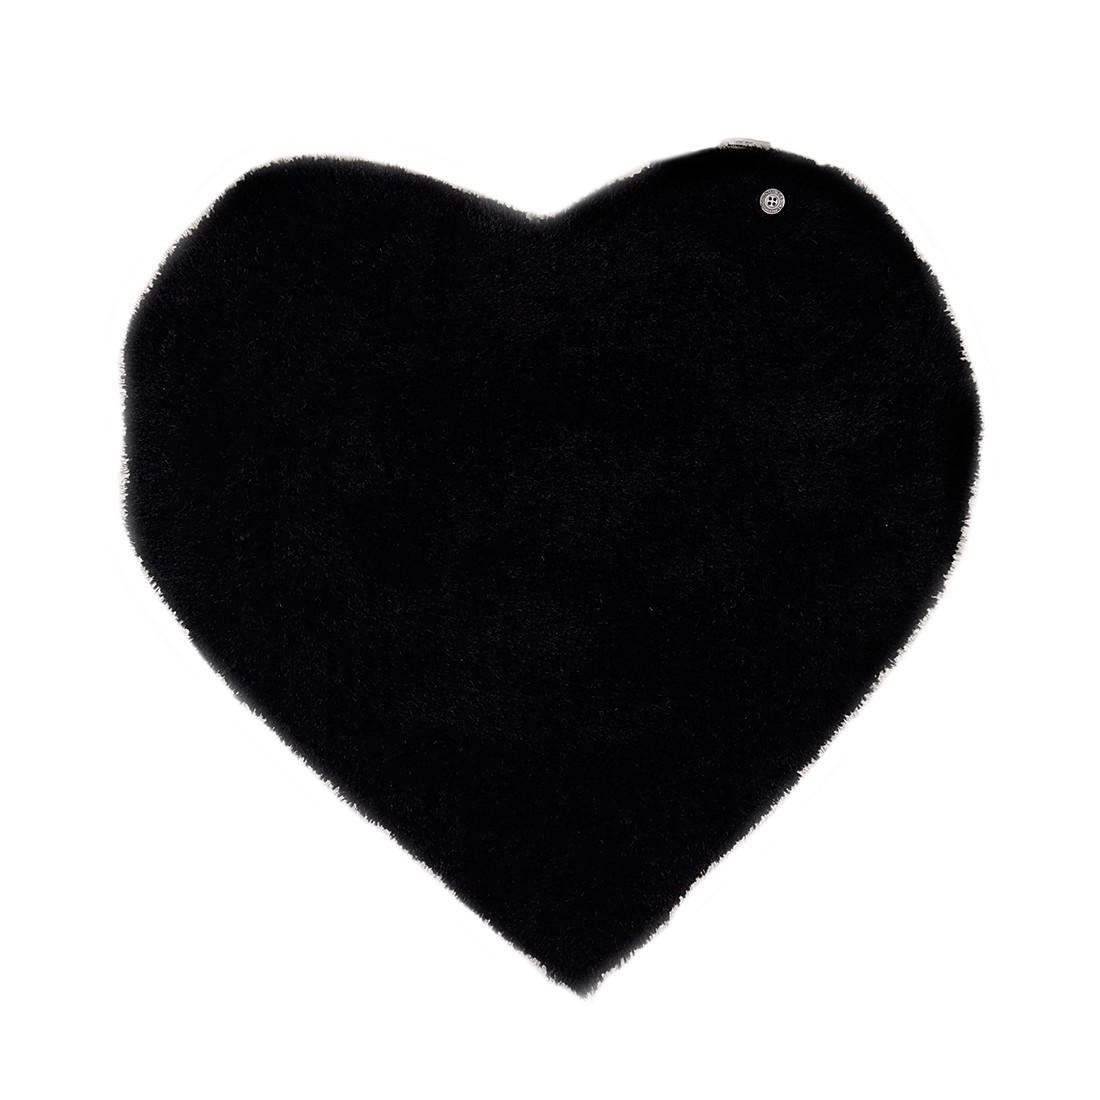 Home 24 - Tapis soft heart - noir - 100 x 100 cm, tom tailor